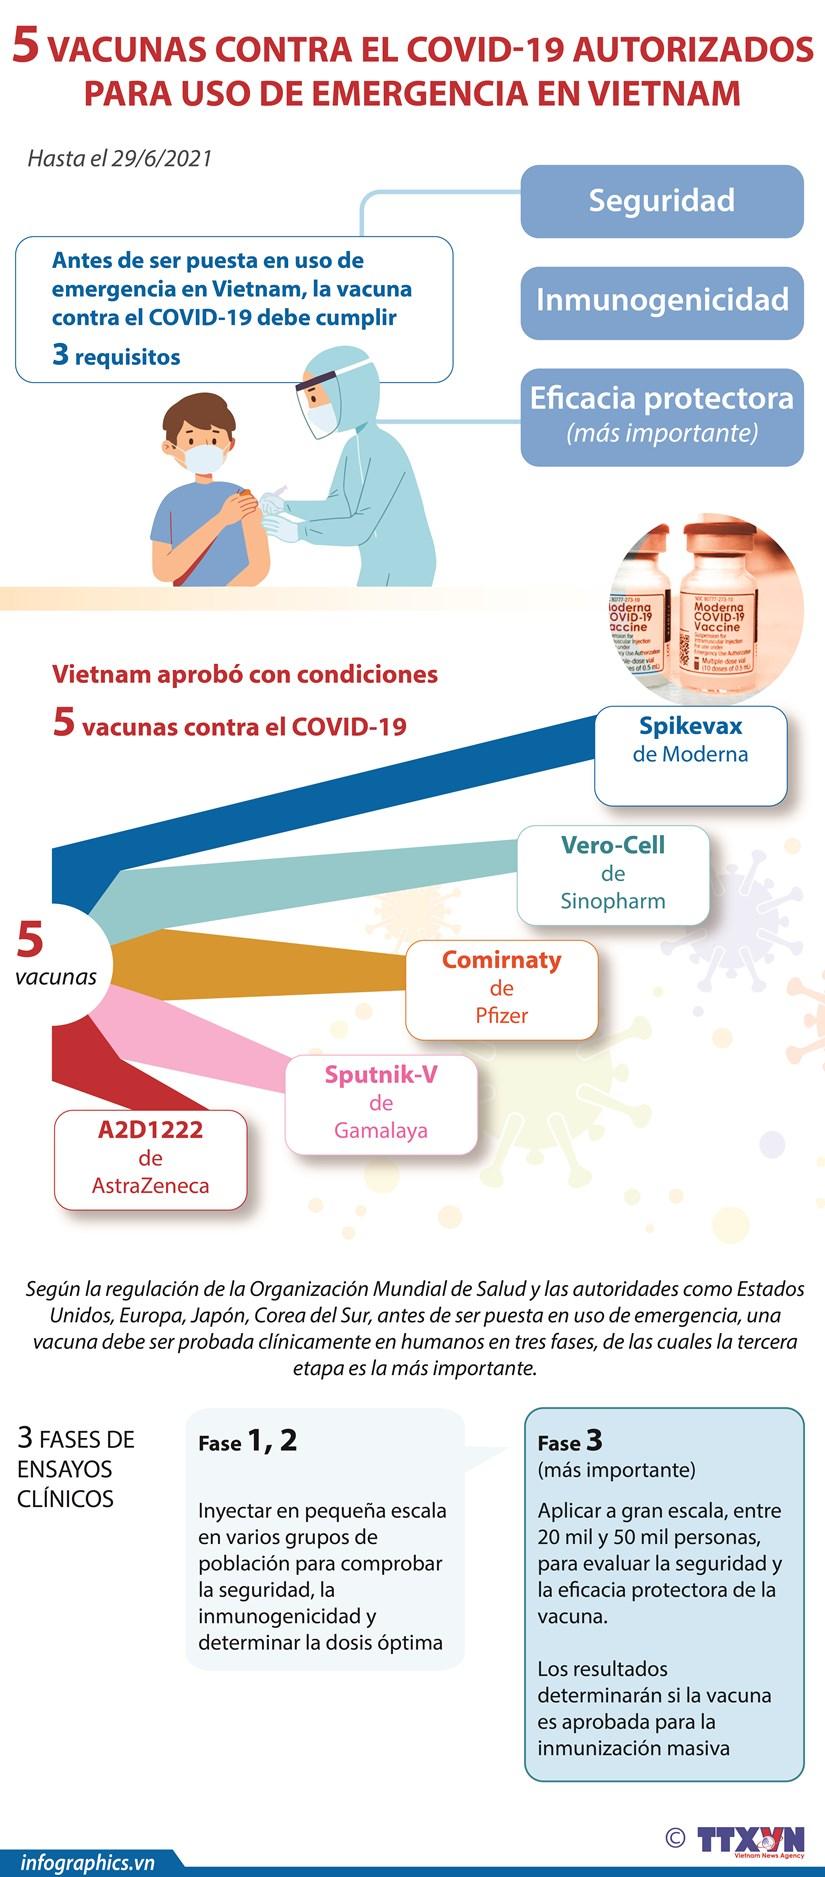 Cinco vacunas contra el COVID-19 autorizados para uso de emergencia en vietnam hinh anh 1